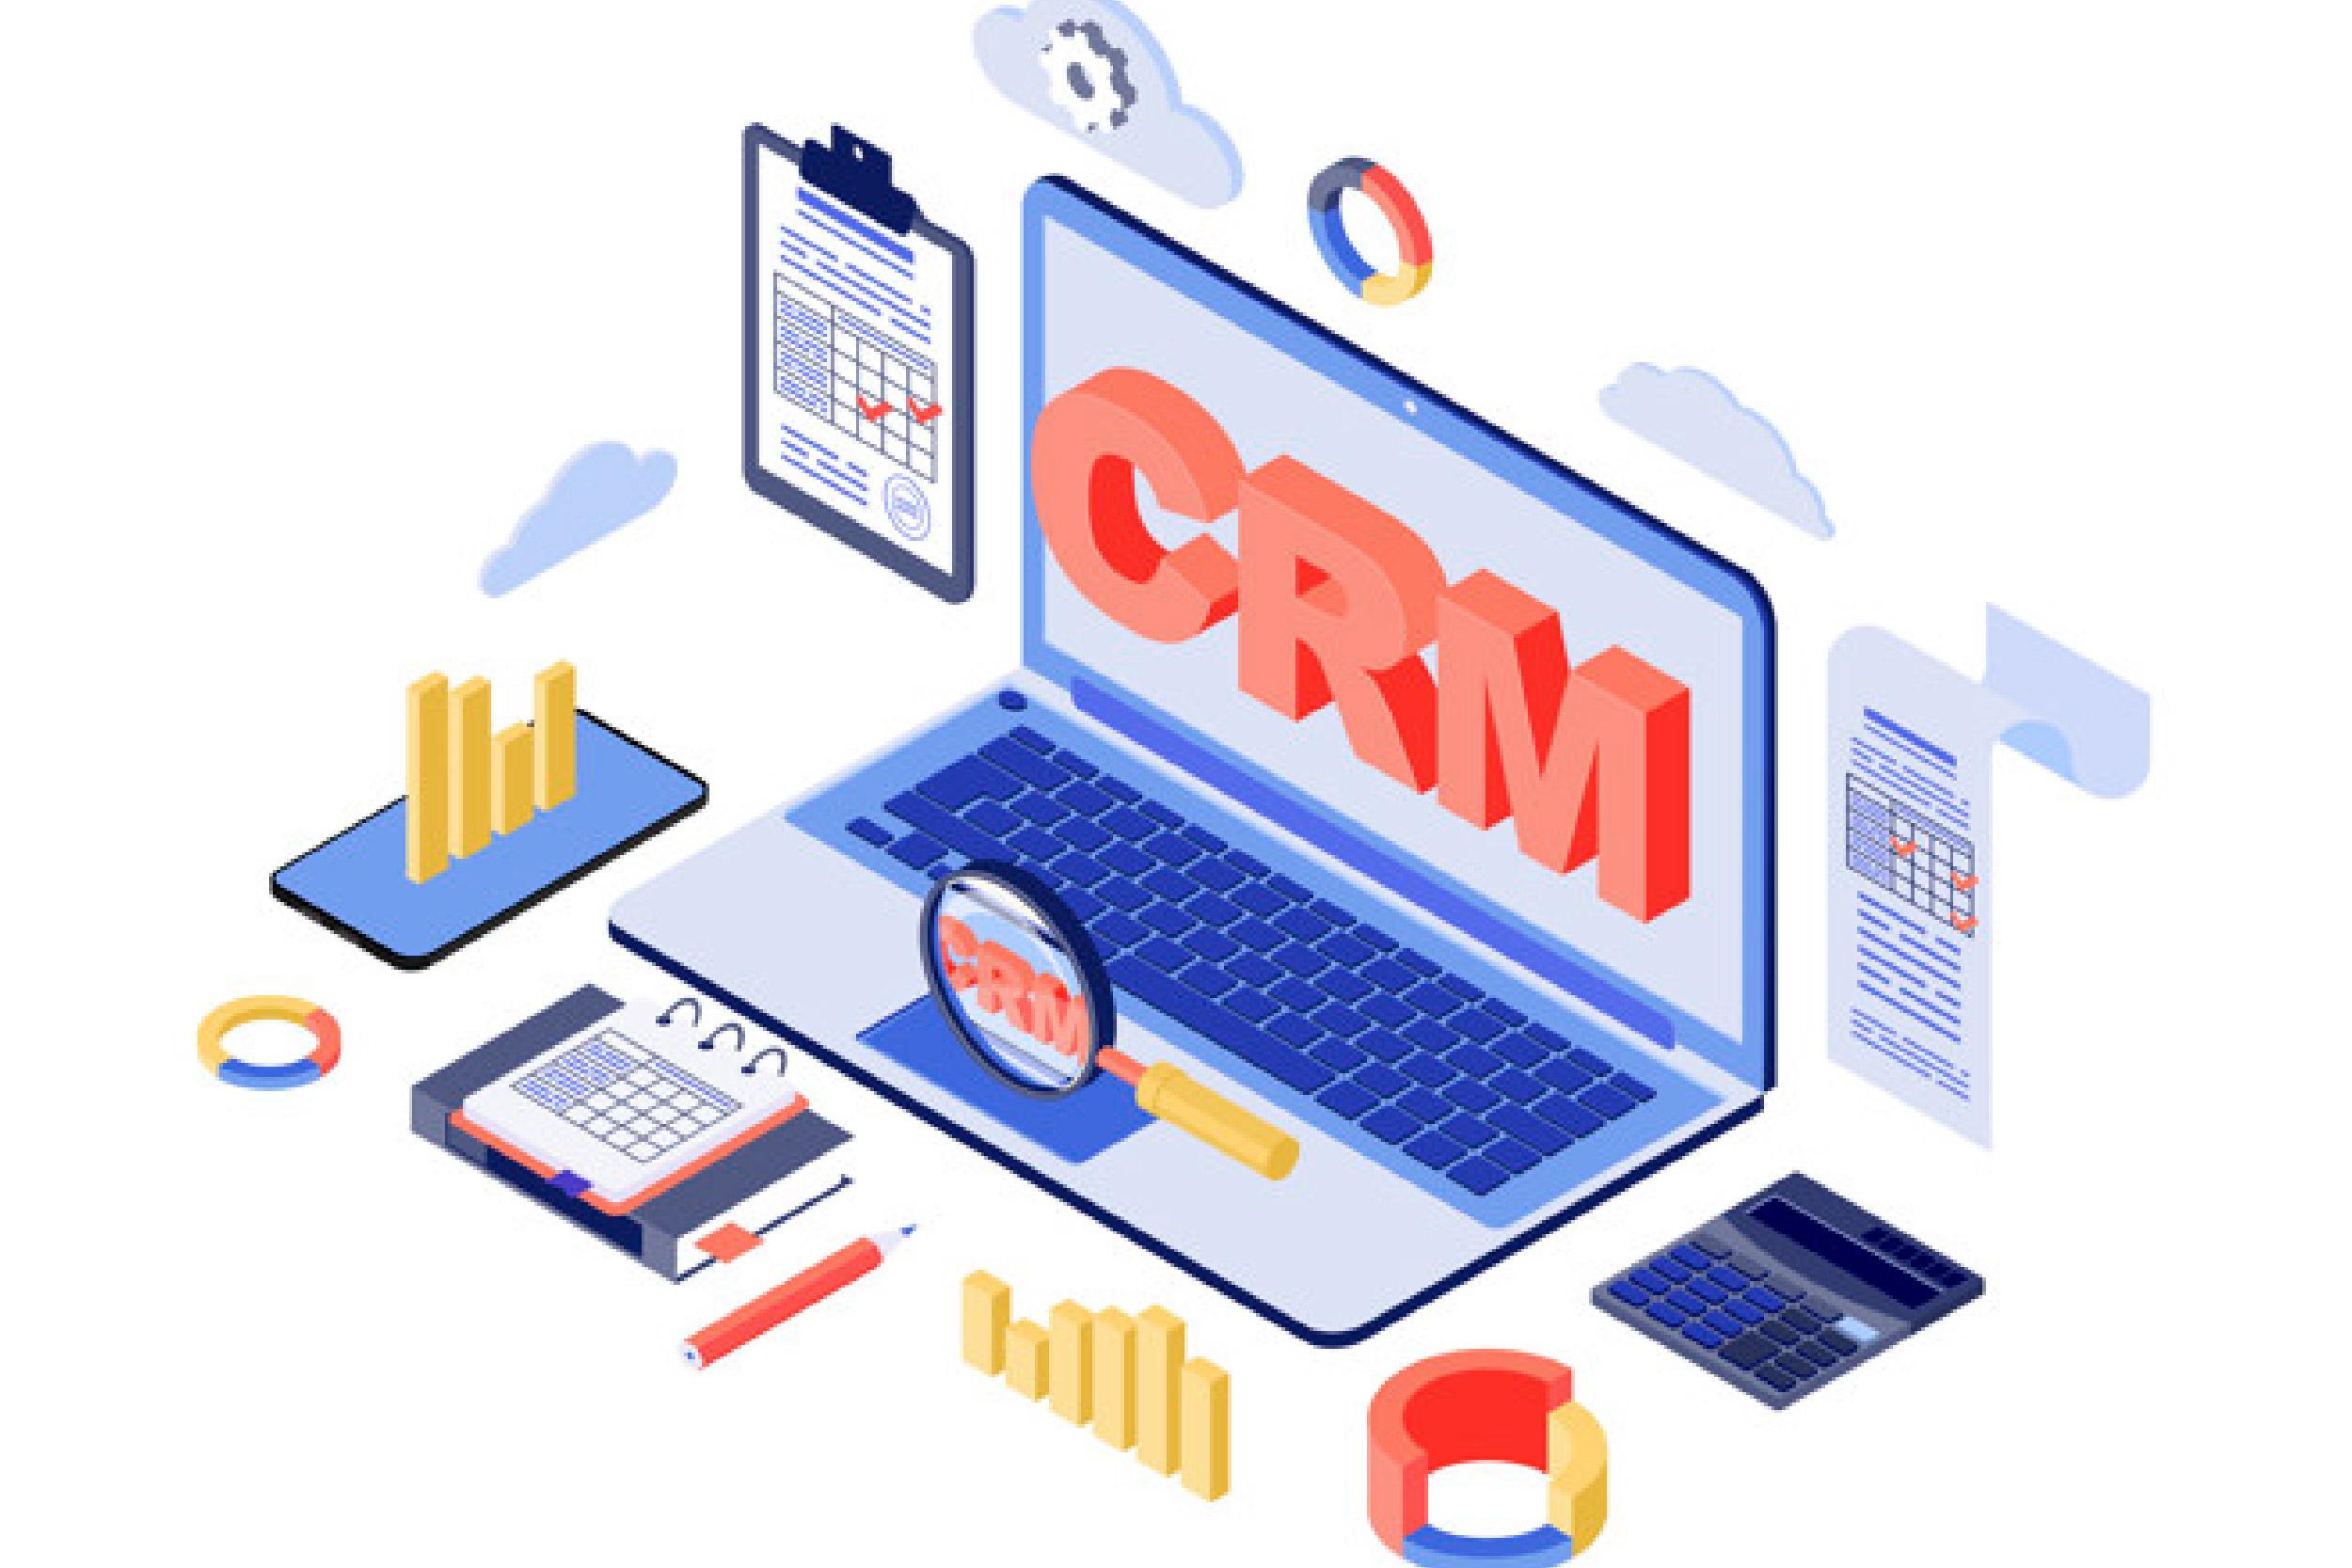 4 yếu tố cần lưu ý khi triển khai phần mềm quản lý quan hệ khách hàng CRM